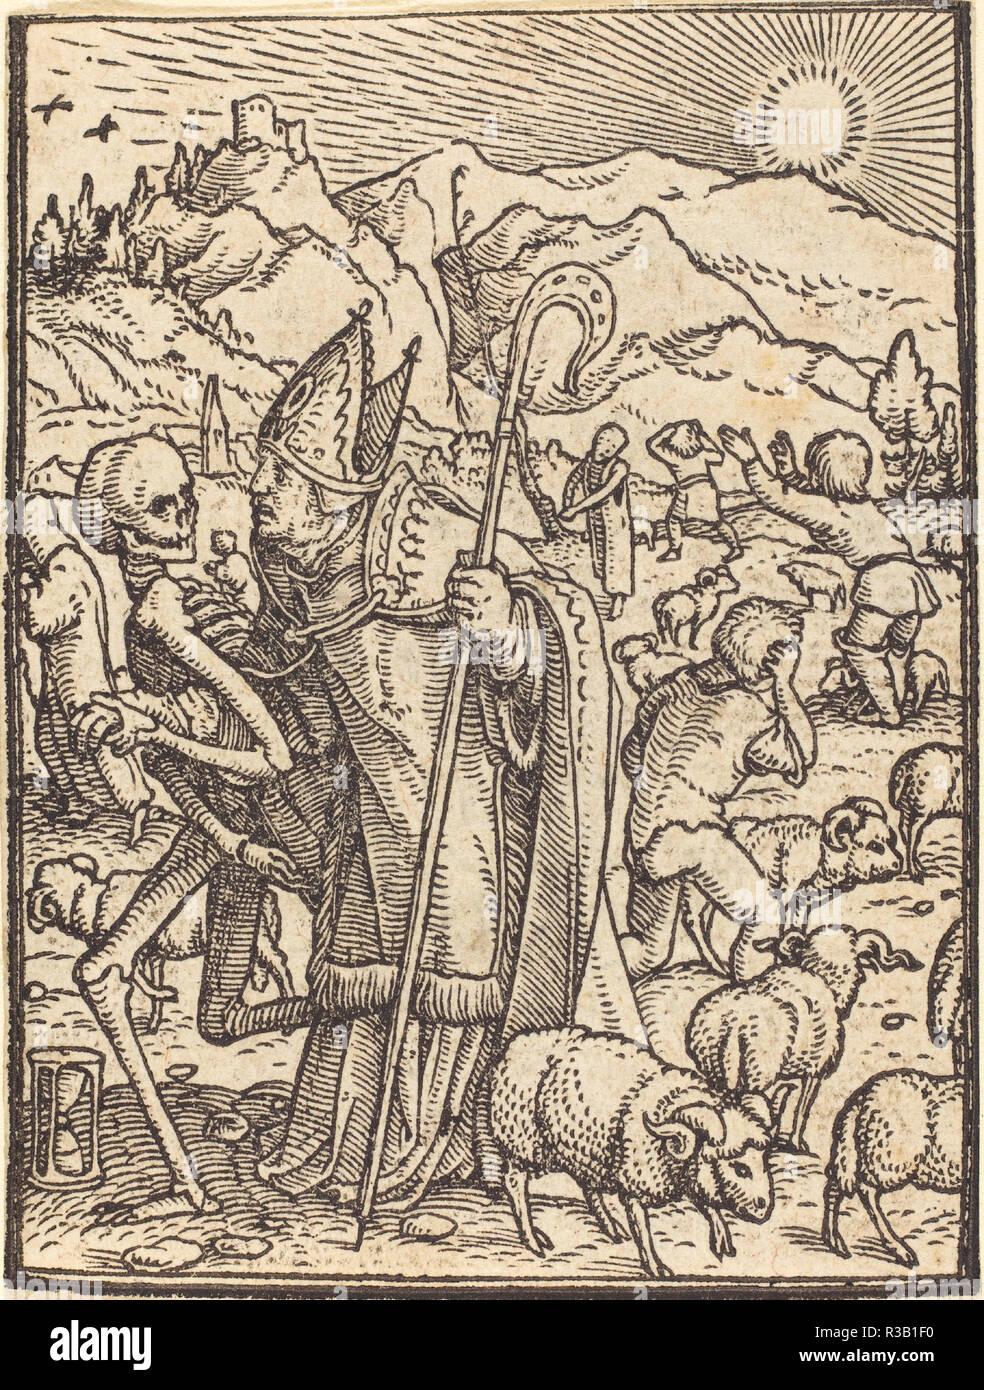 Il vescovo. Medium: xilografia. Museo: National Gallery of Art di Washington DC. Autore: Hans Holbein il Giovane. Immagini Stock